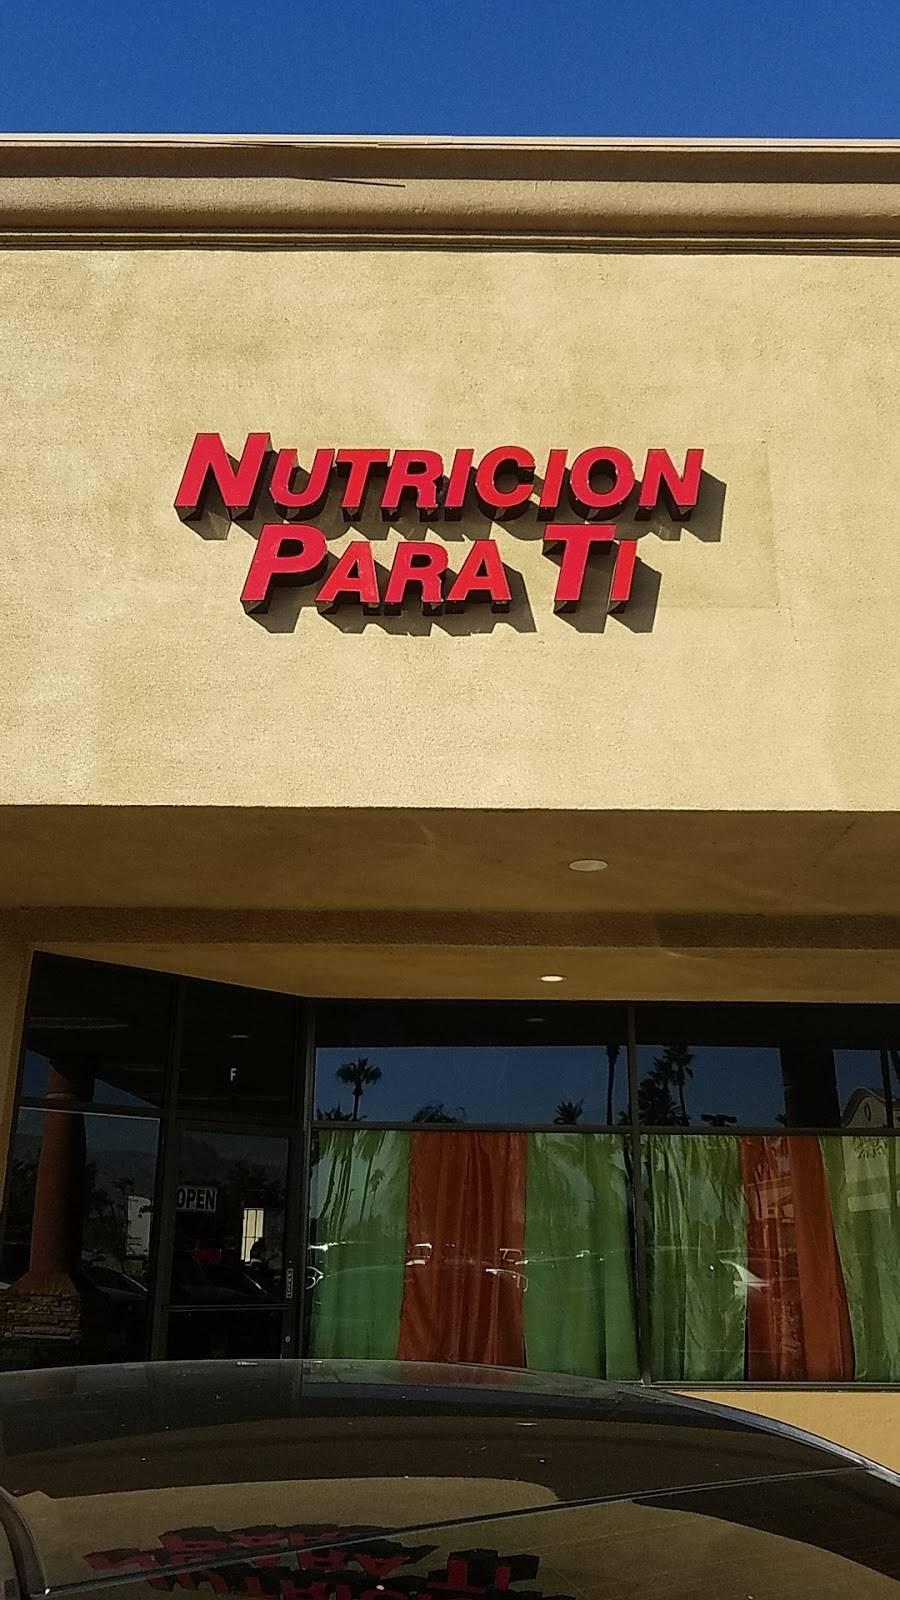 Nutricion Para Ti | restaurant | 82204 CA-111 STE. F, Indio, CA 92201, USA | 7606006444 OR +1 760-600-6444